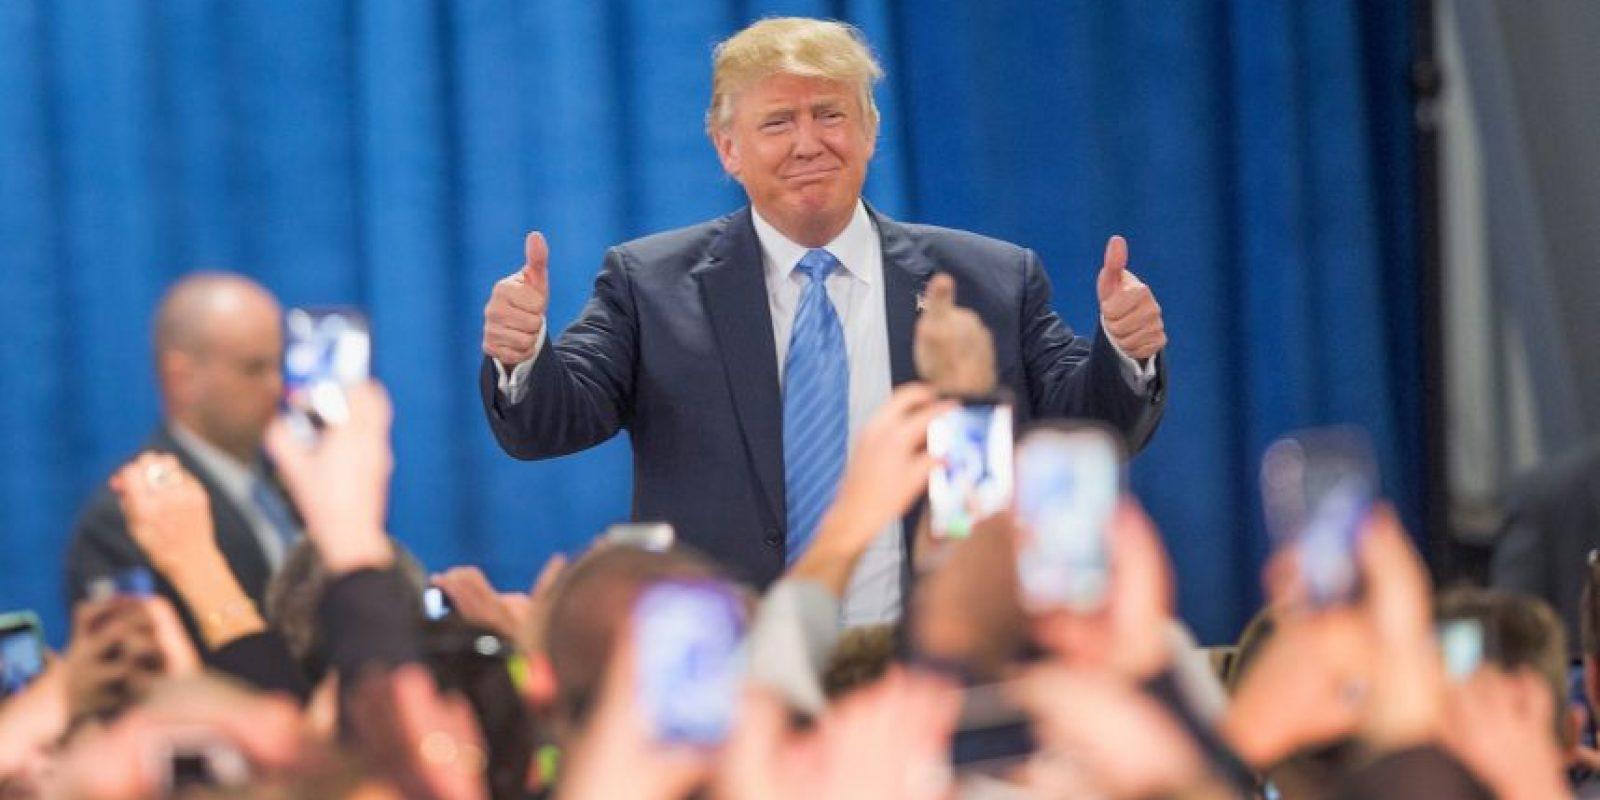 El martes 15 de diciembre Trump se enfrentará rivales en lo que será el último debate del Partido Republicano. Foto:Getty Images